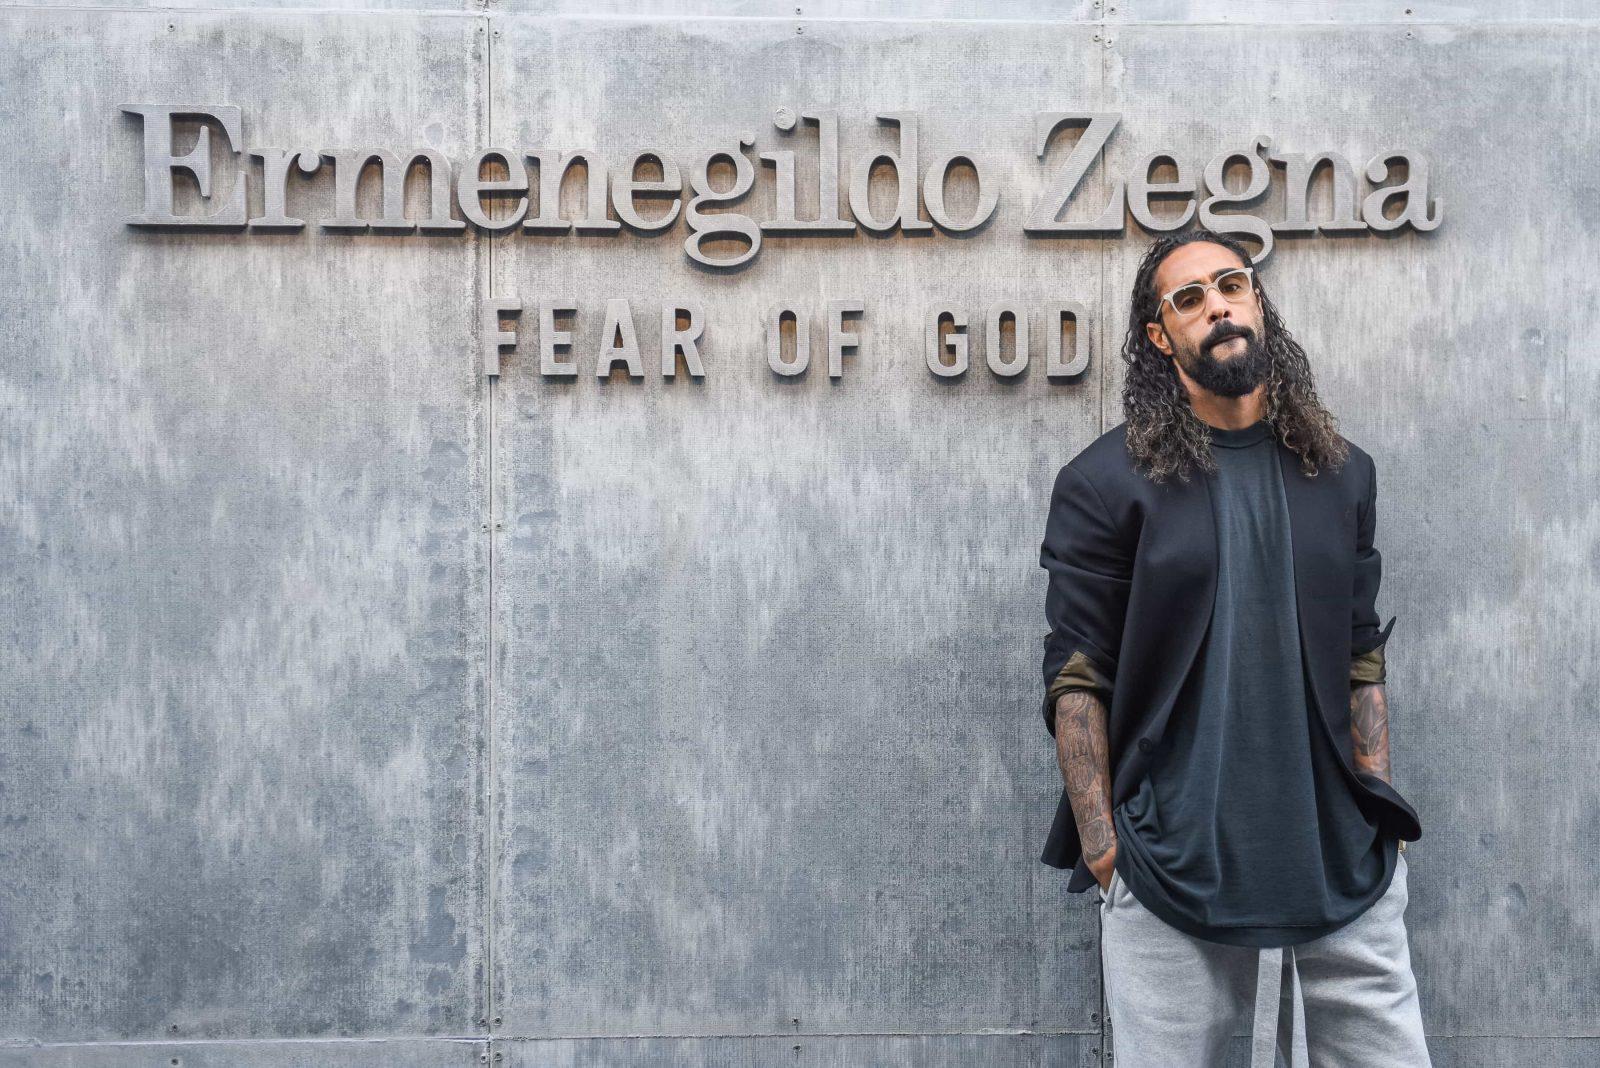 Jerry Lorenzo x fear of god x zegna